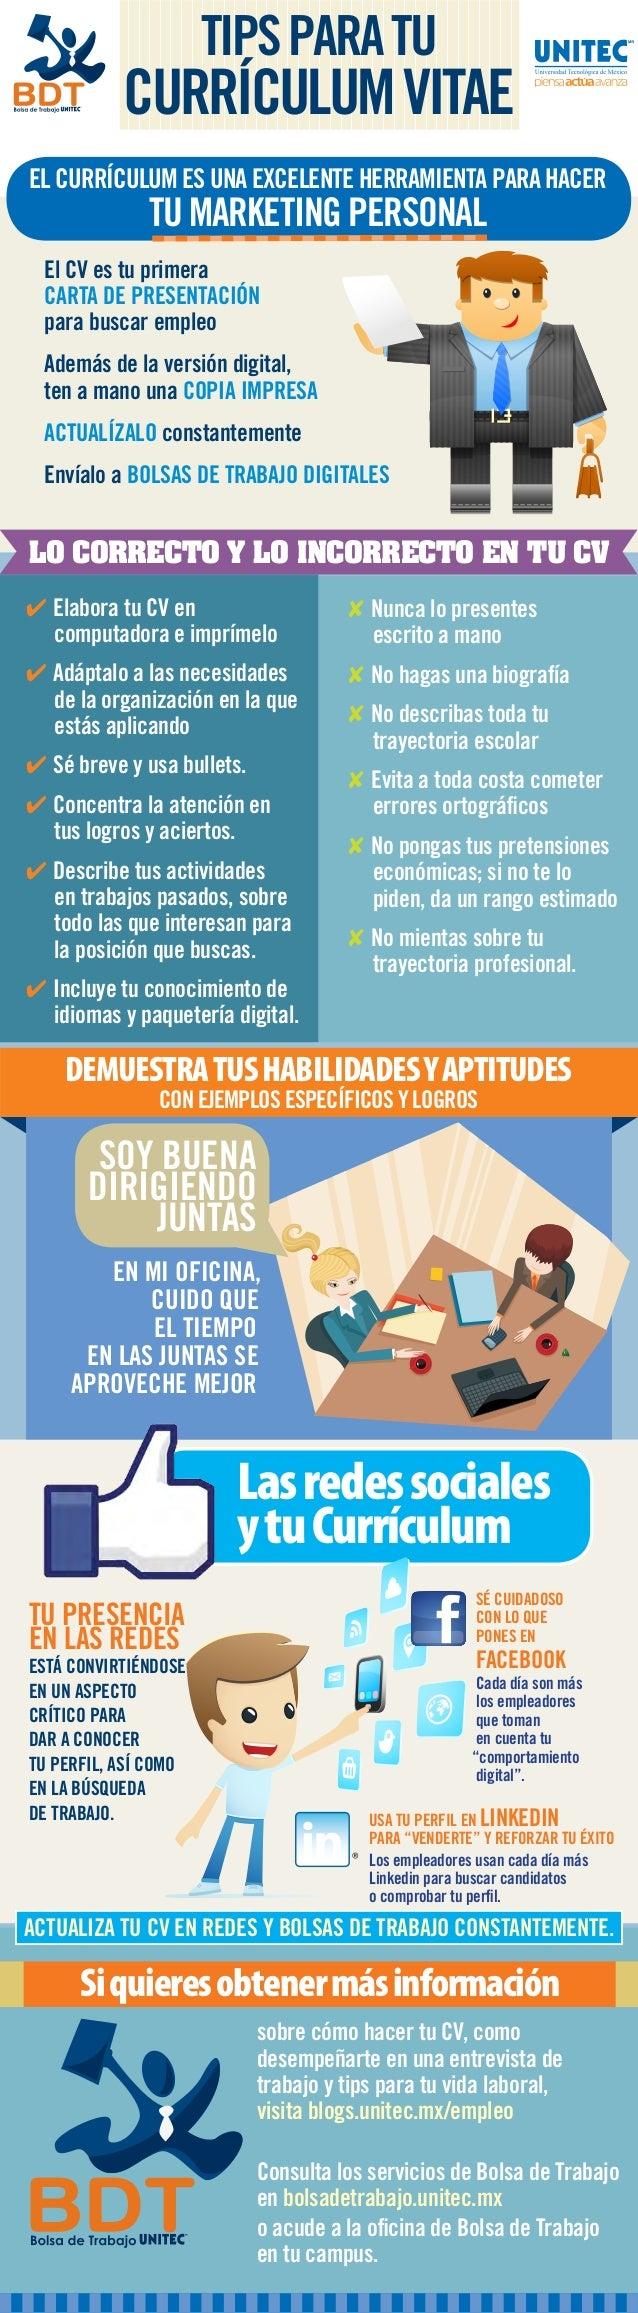 Curriculum Vitae: Como Elaborar Un Curriculum Vitae Por Primera Vez